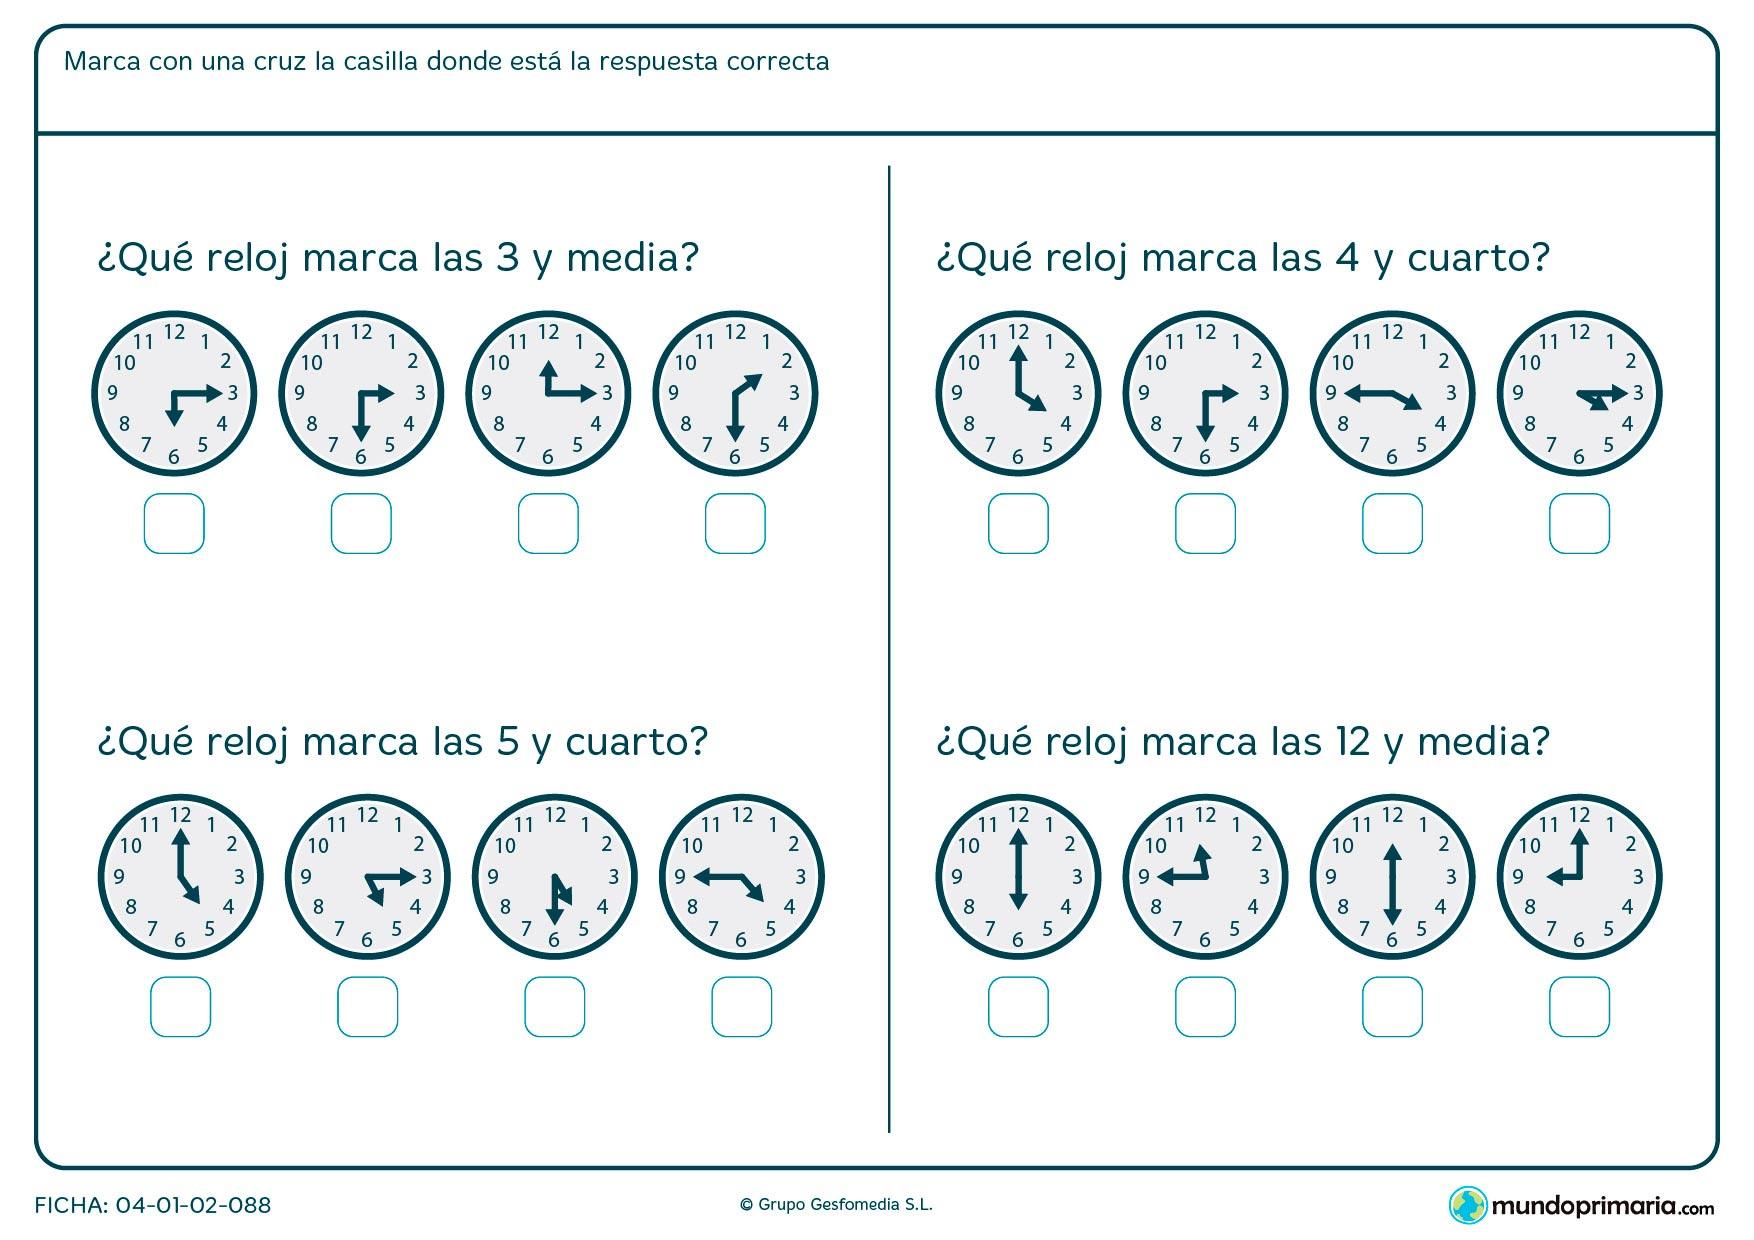 Ficha de de horas de reloj para seleccionar el que marca la hora especificada en el enunciado.